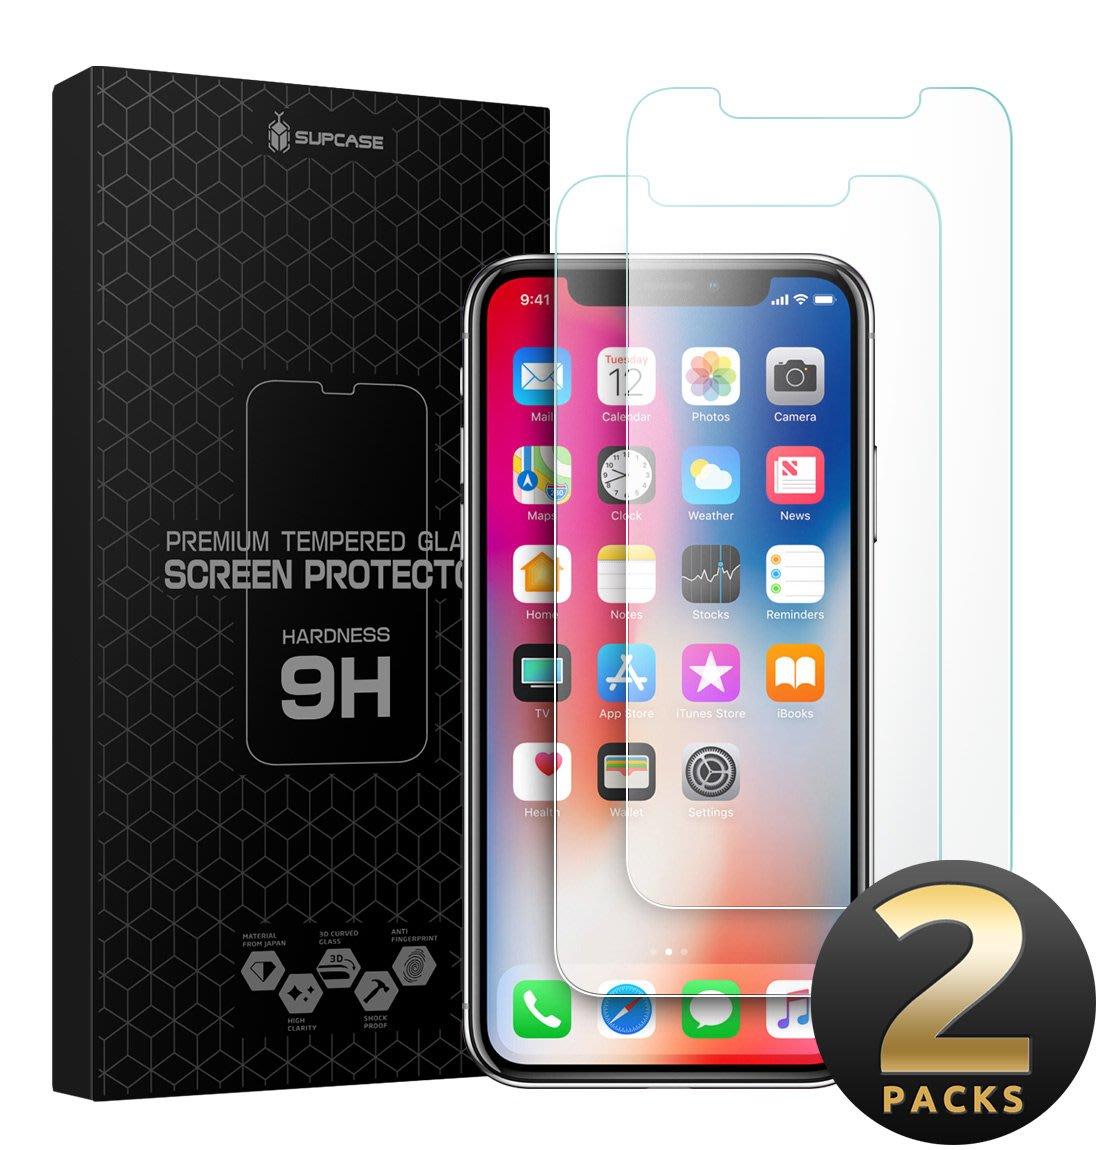 小花精品店-美國SUPCASE蘋果iPhone11 X/XR/Xs Max高清鋼化玻璃保護膜兩片裝